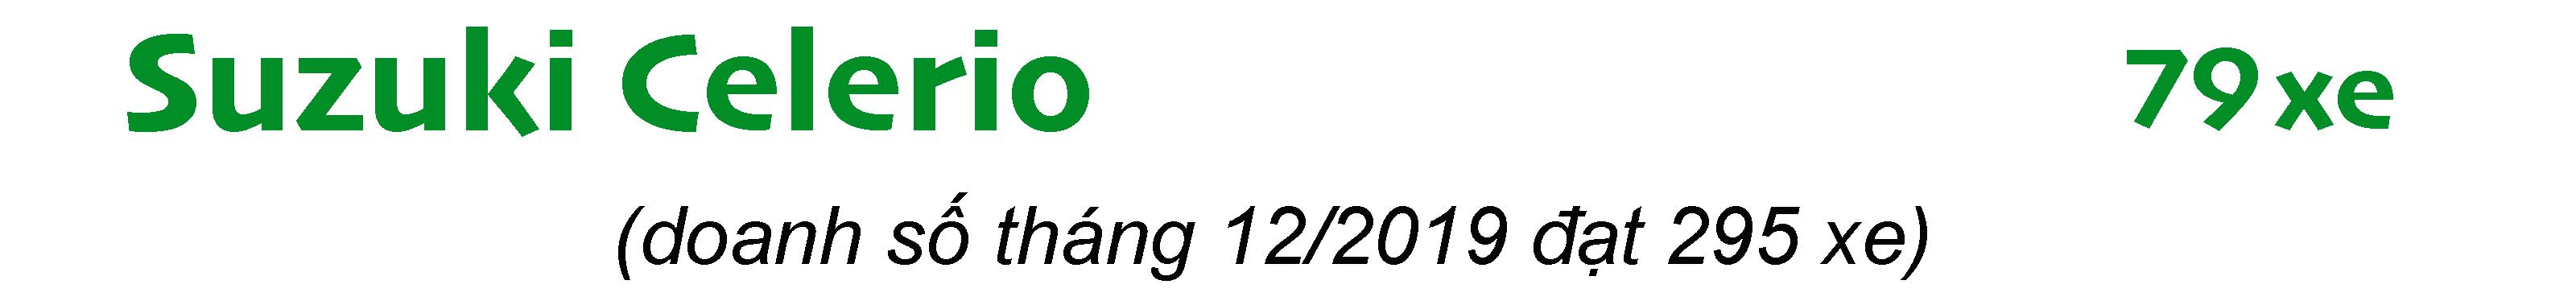 Phân khúc xe đô thị tháng 1/2020: Honda Brio vượt Toyota Wigo - 11